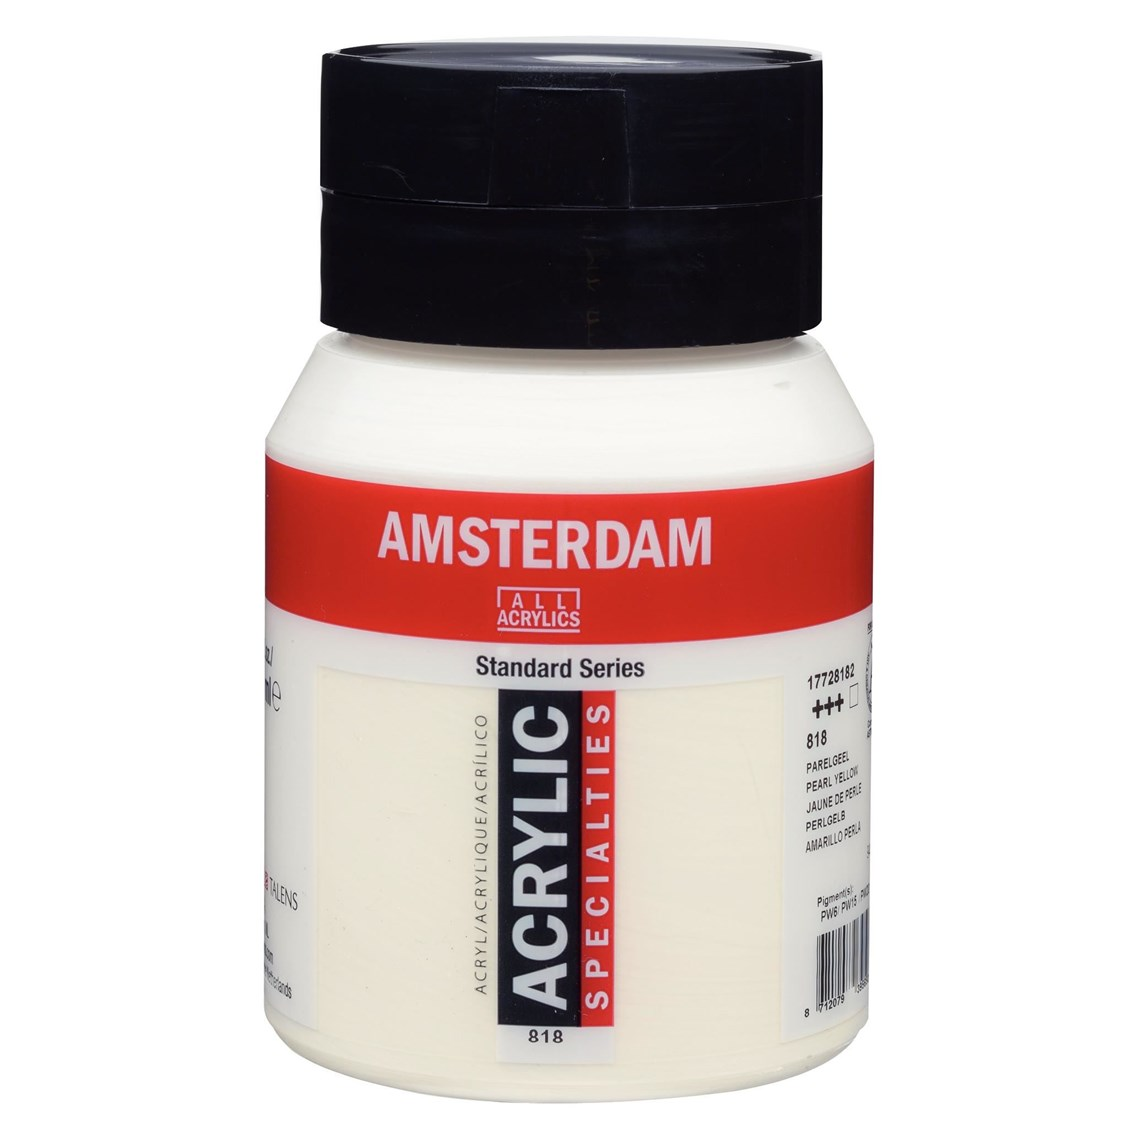 Amsterdam Acrylverf Parelgeel 818 specialties Angelart Kunst en zo